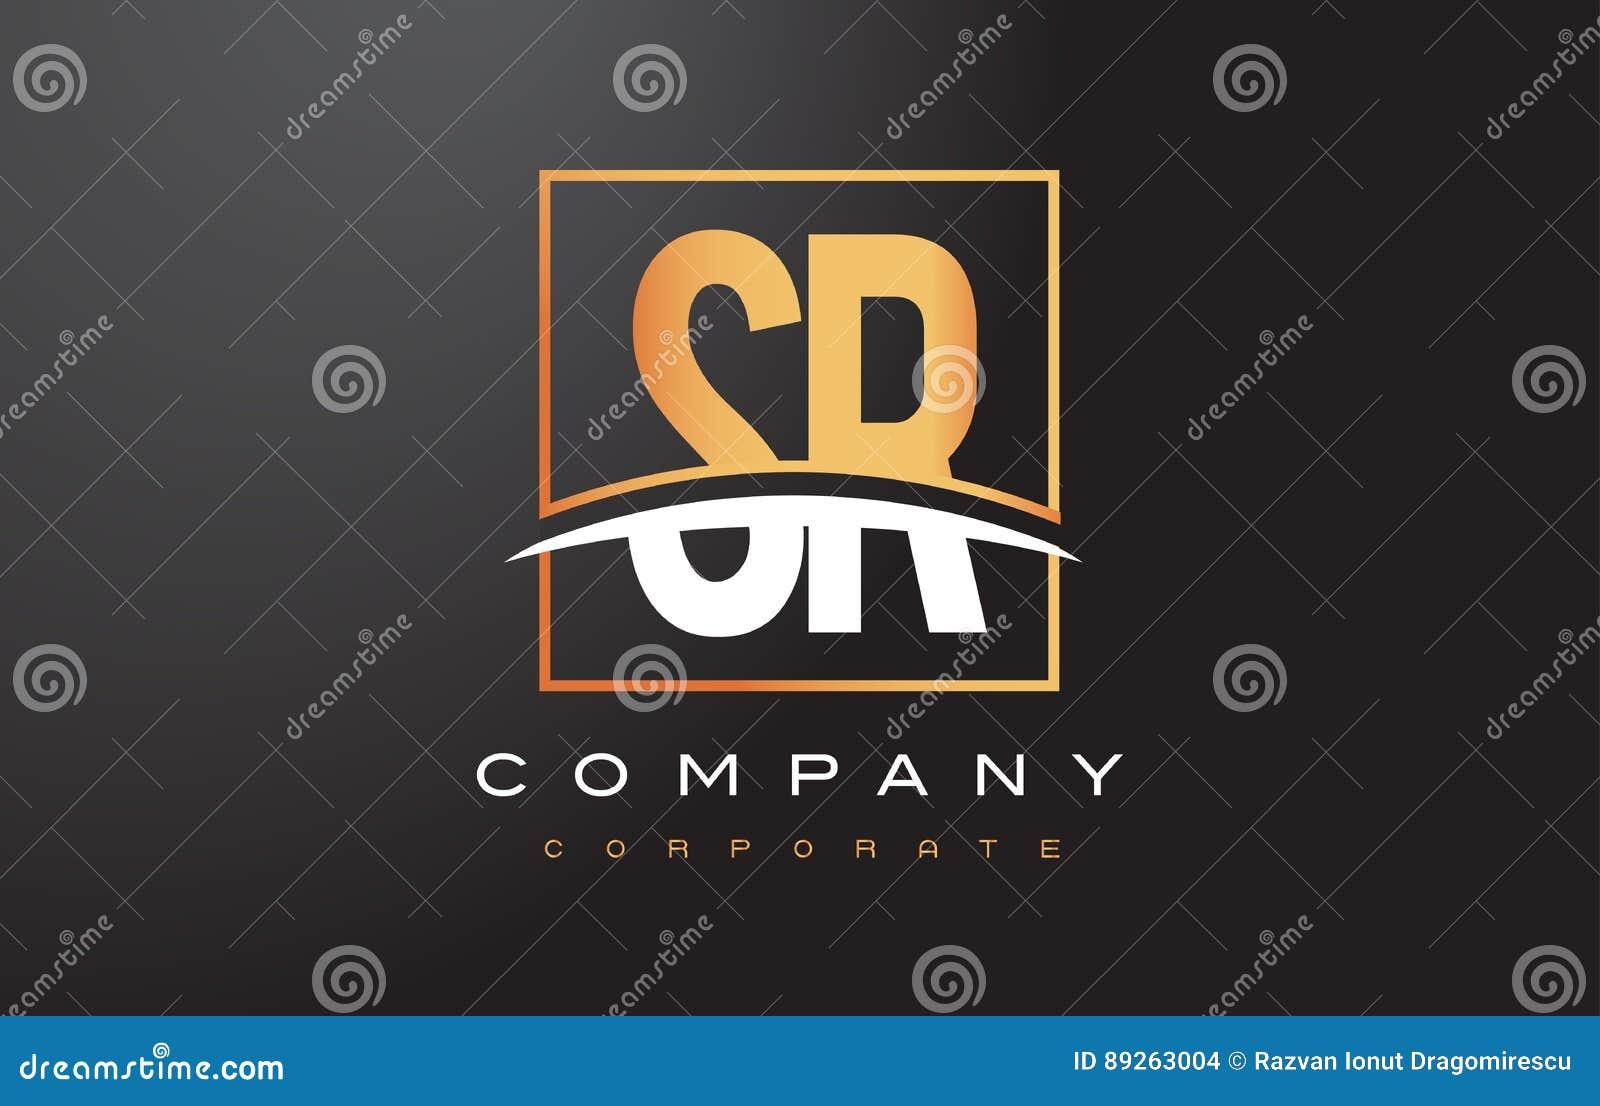 Letra de oro Logo Design del SENIOR S R con el cuadrado y Swoosh del oro